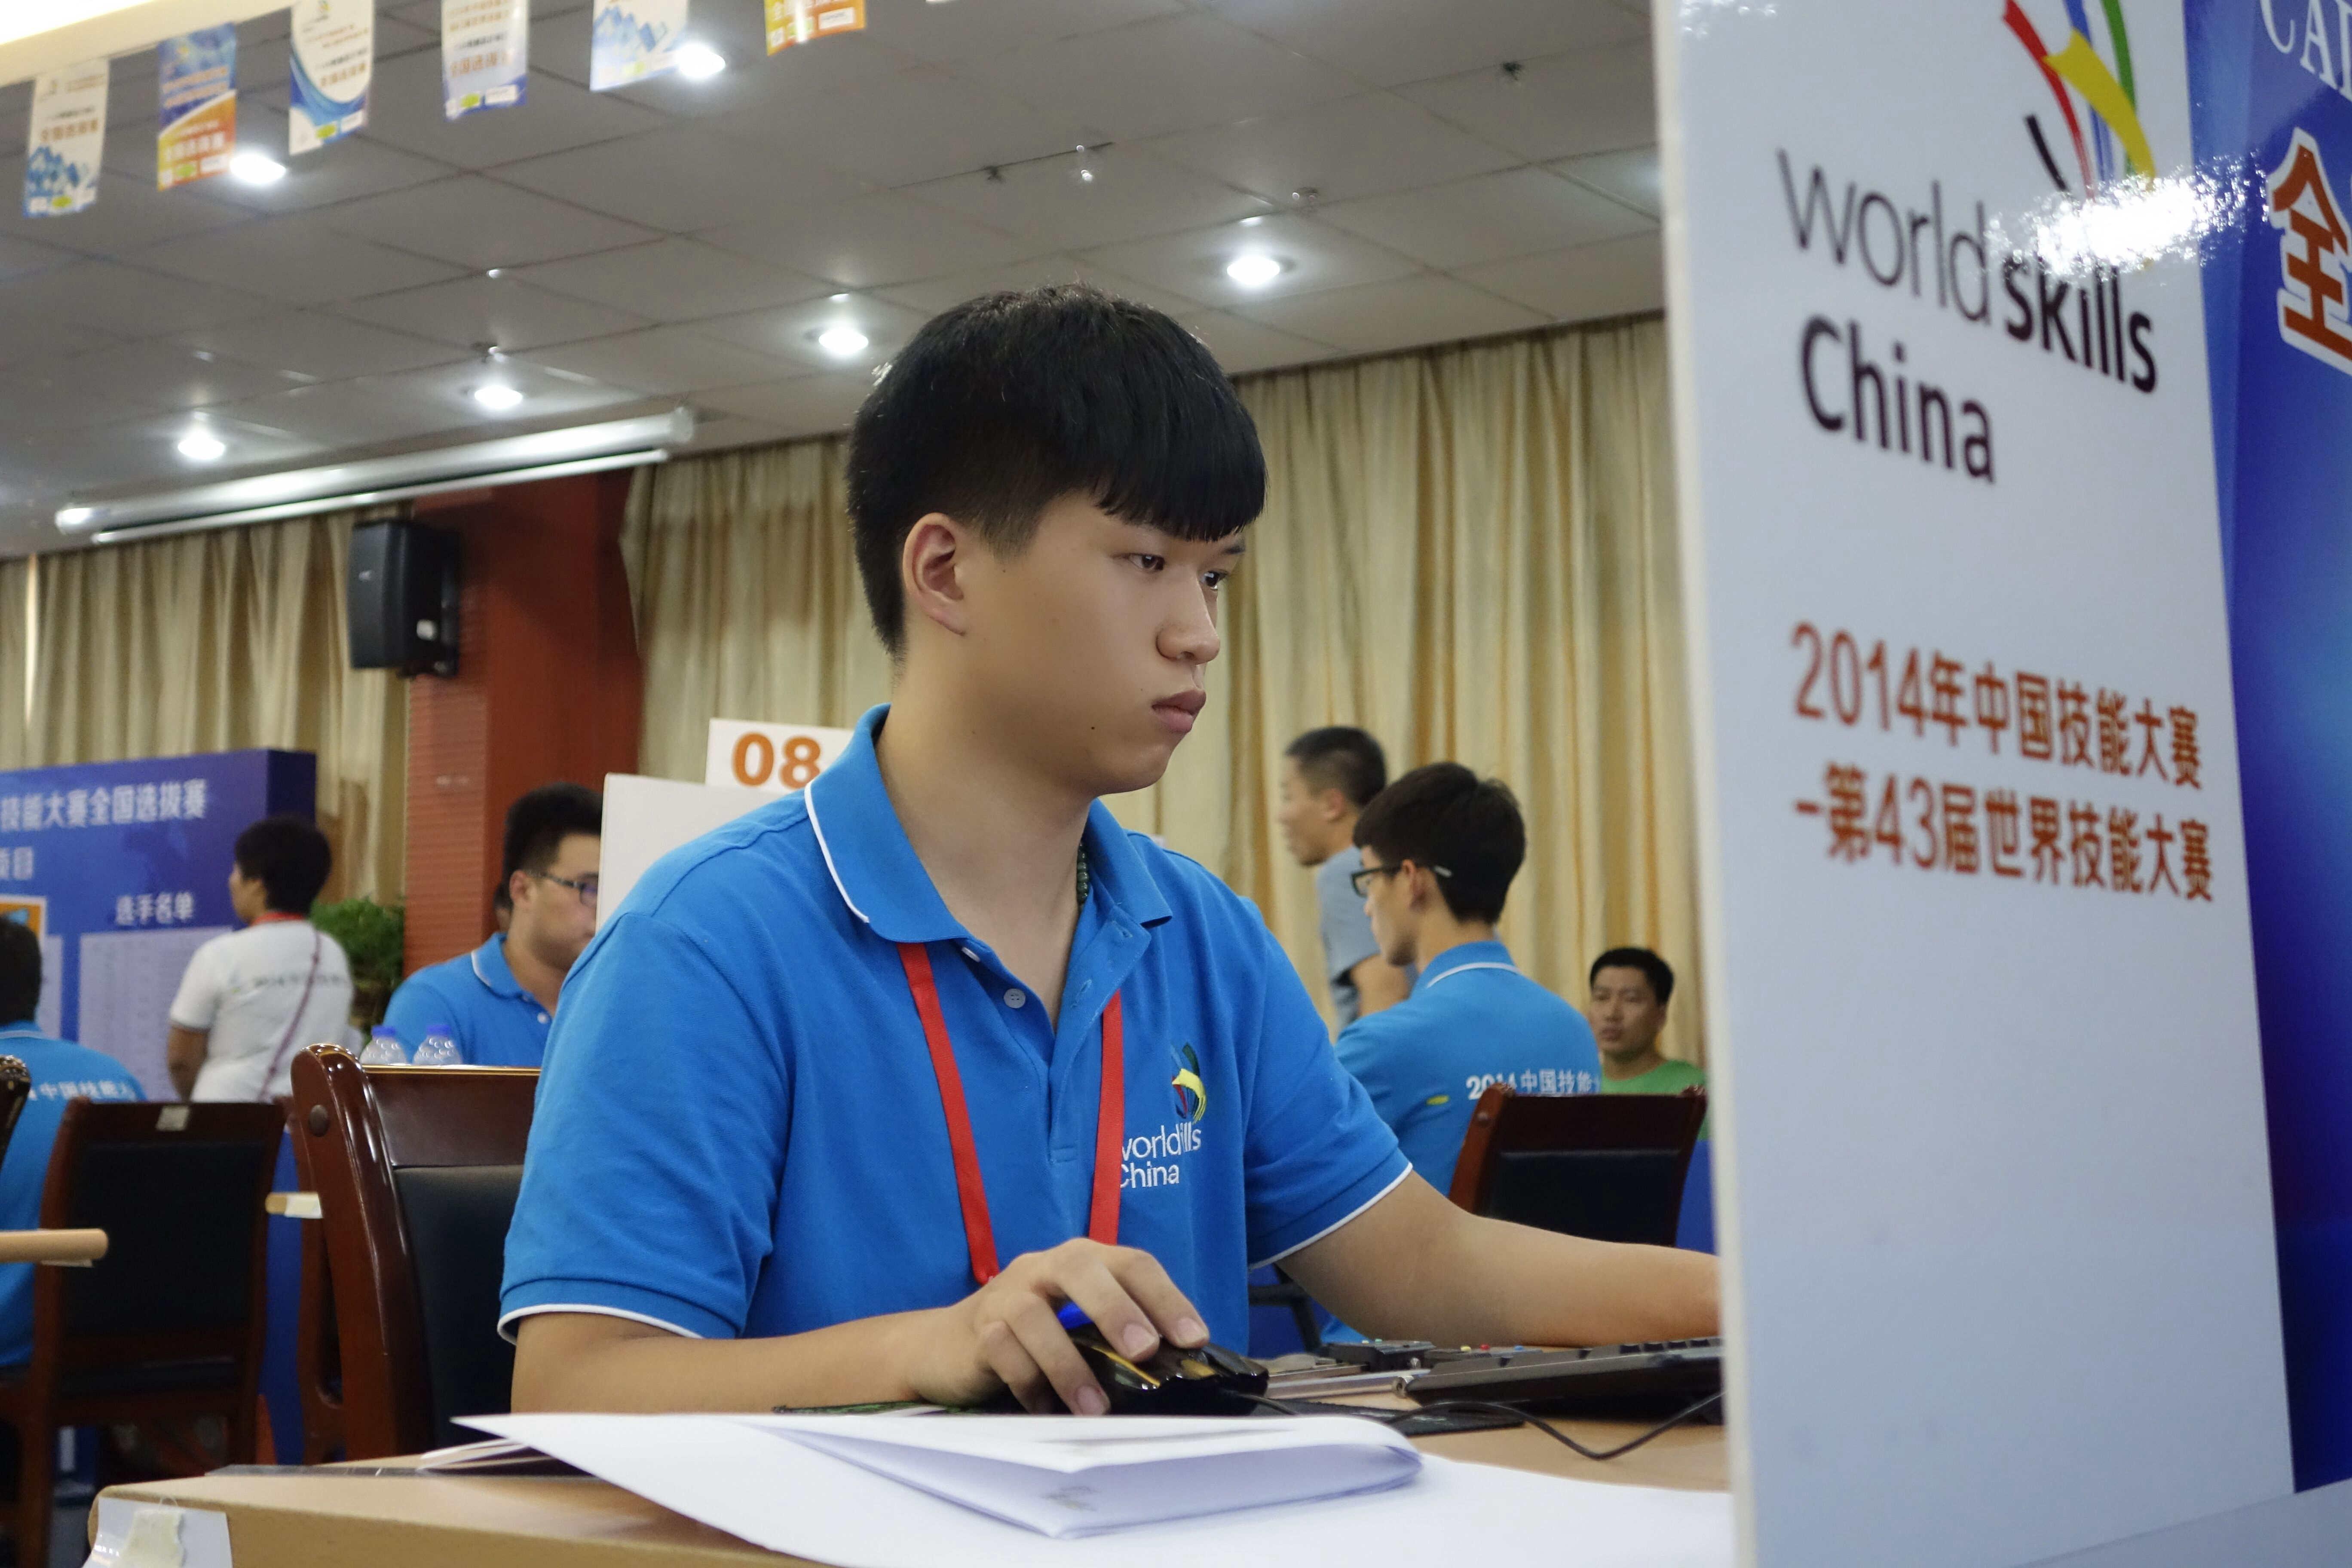 袁永烨参加第43届世界技能大赛cad机械设计项目比赛